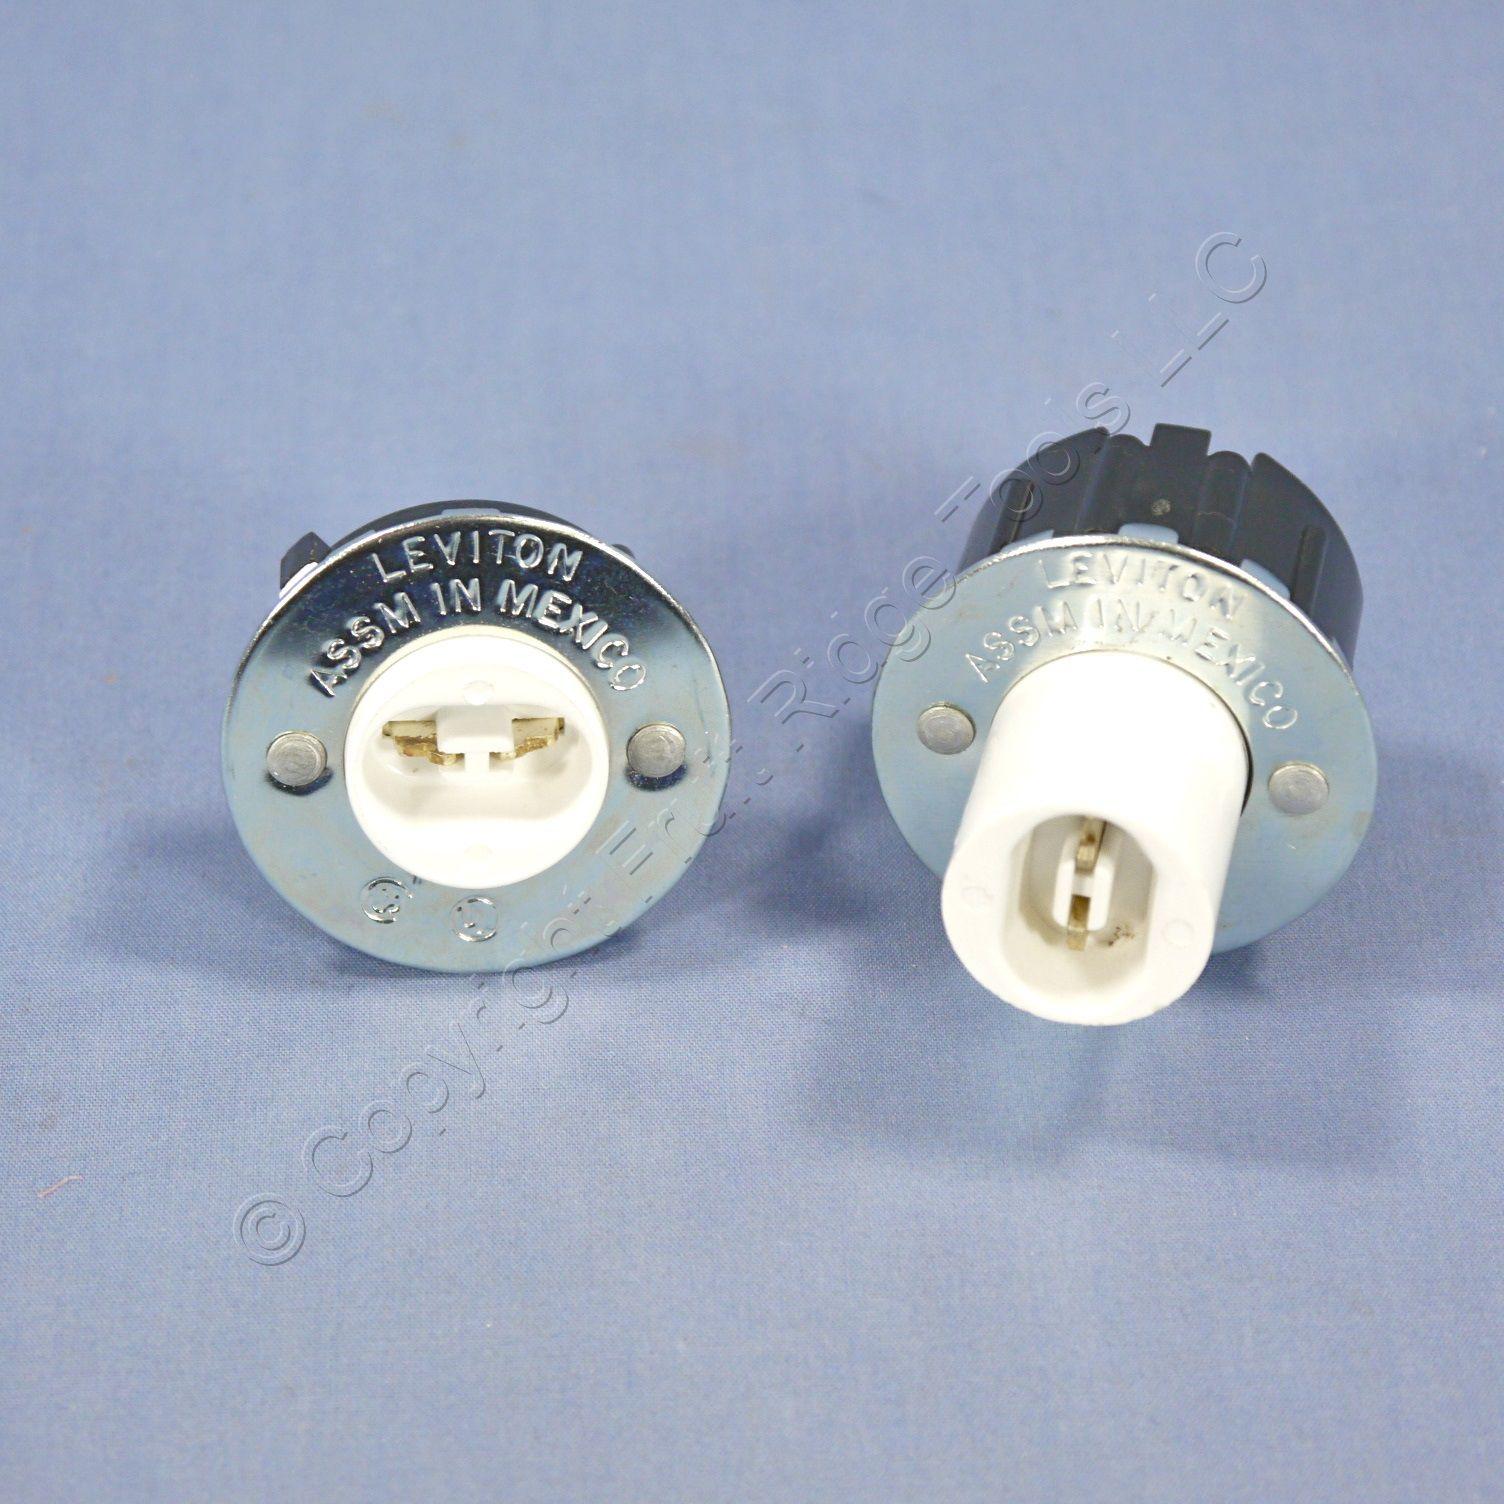 Leviton Fluorescent Lamp Holder Light Socket Slimline R17d Plunger ...